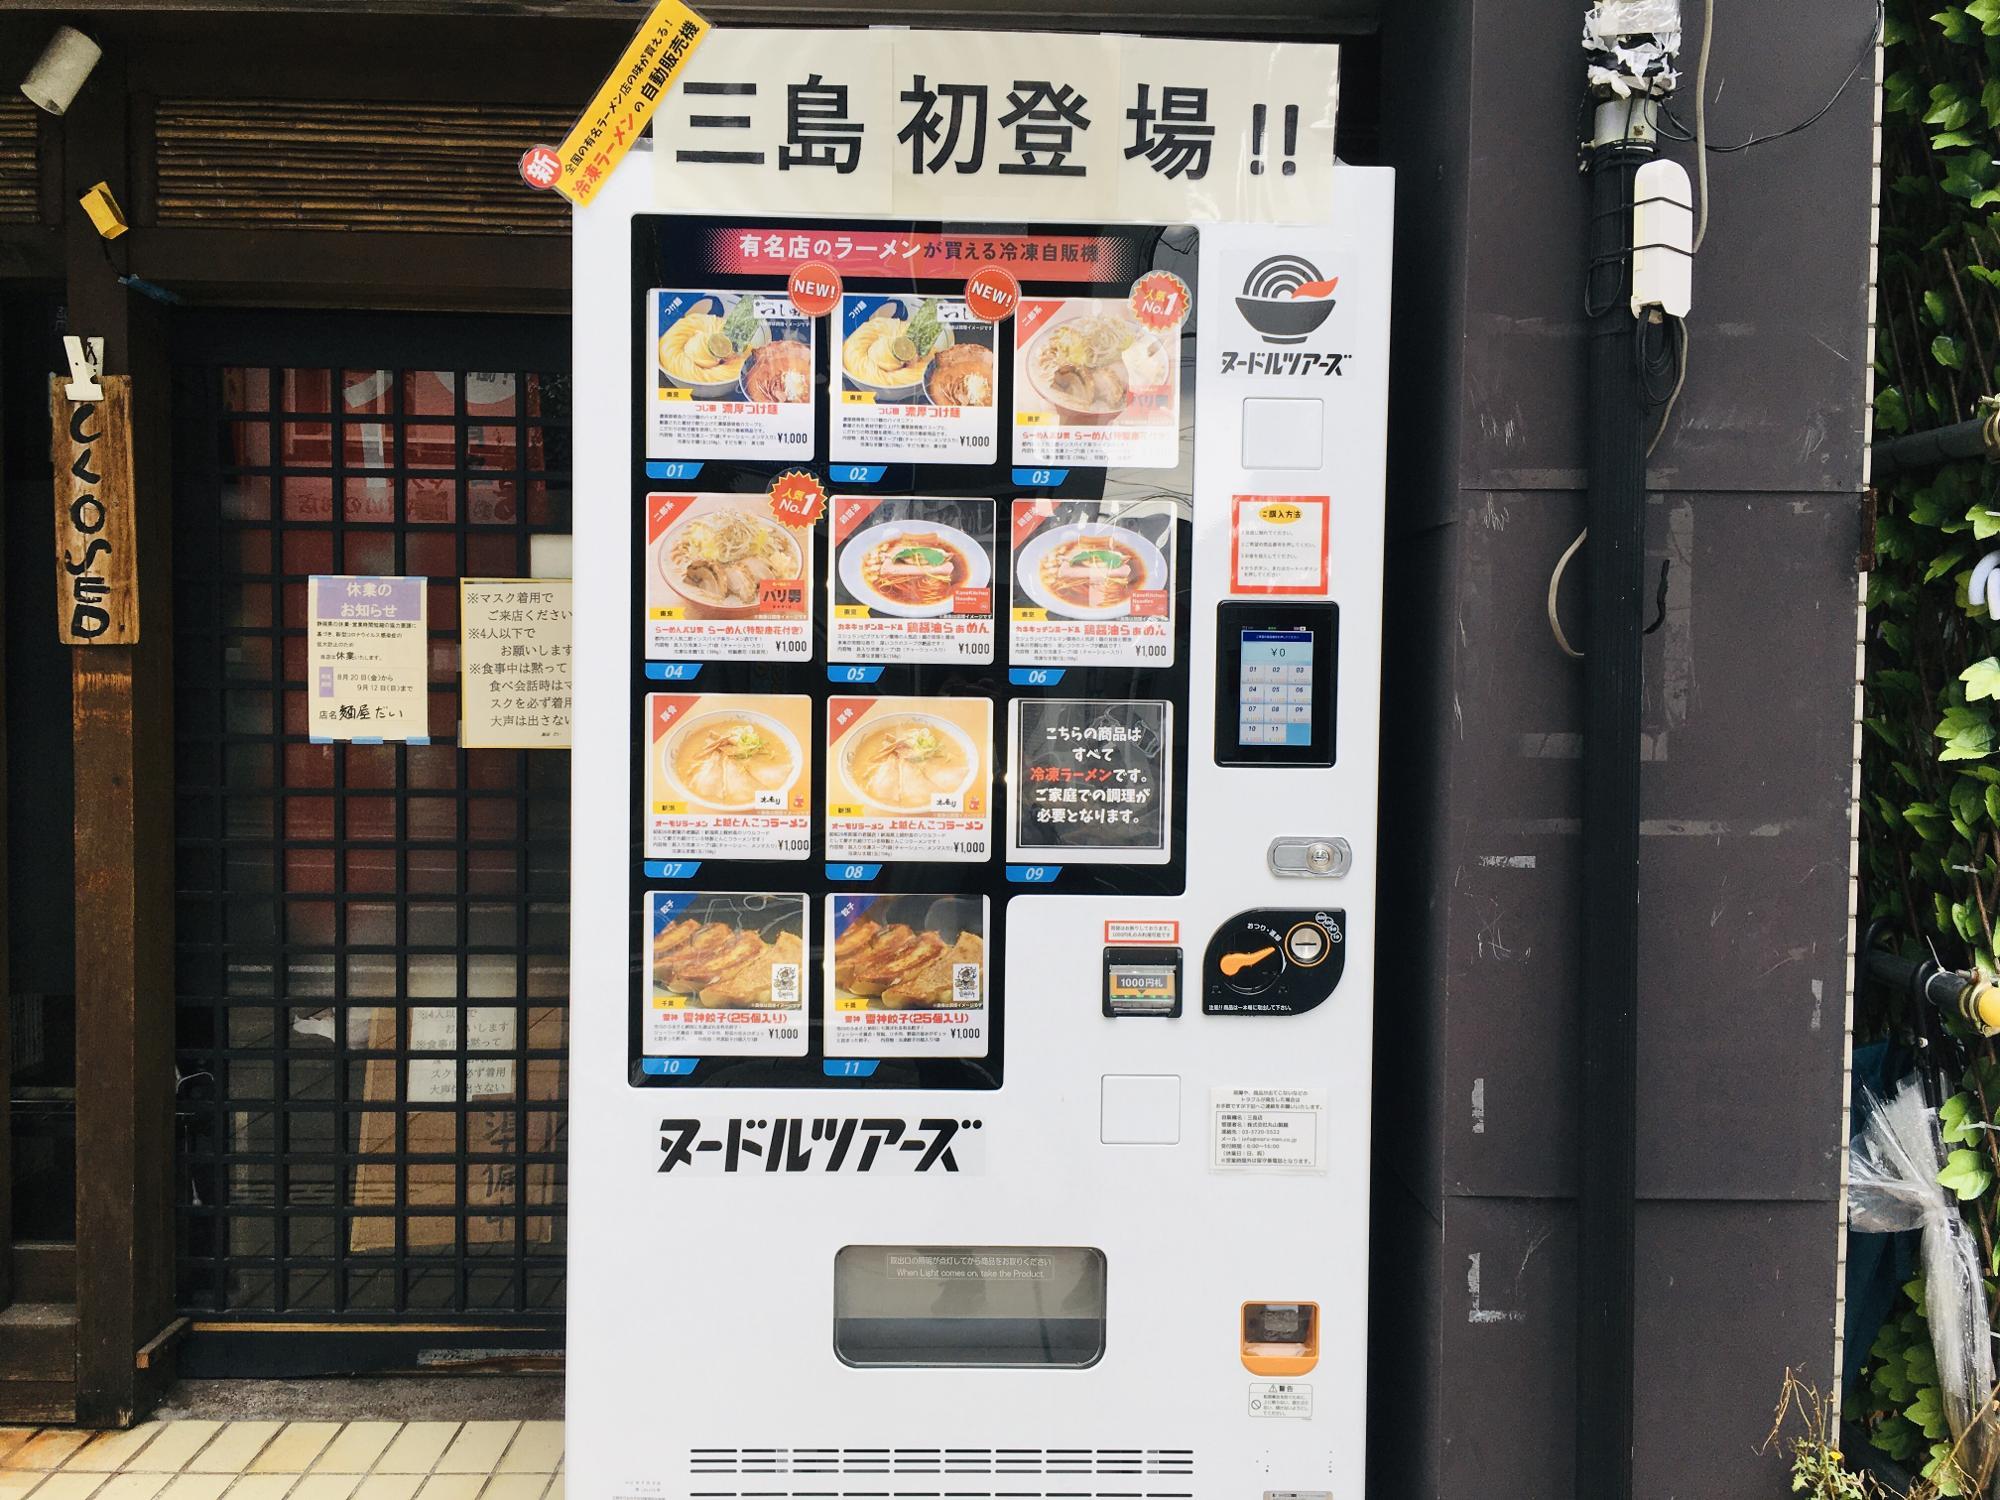 冷凍ラーメン自販機 ヌードルツアーズ